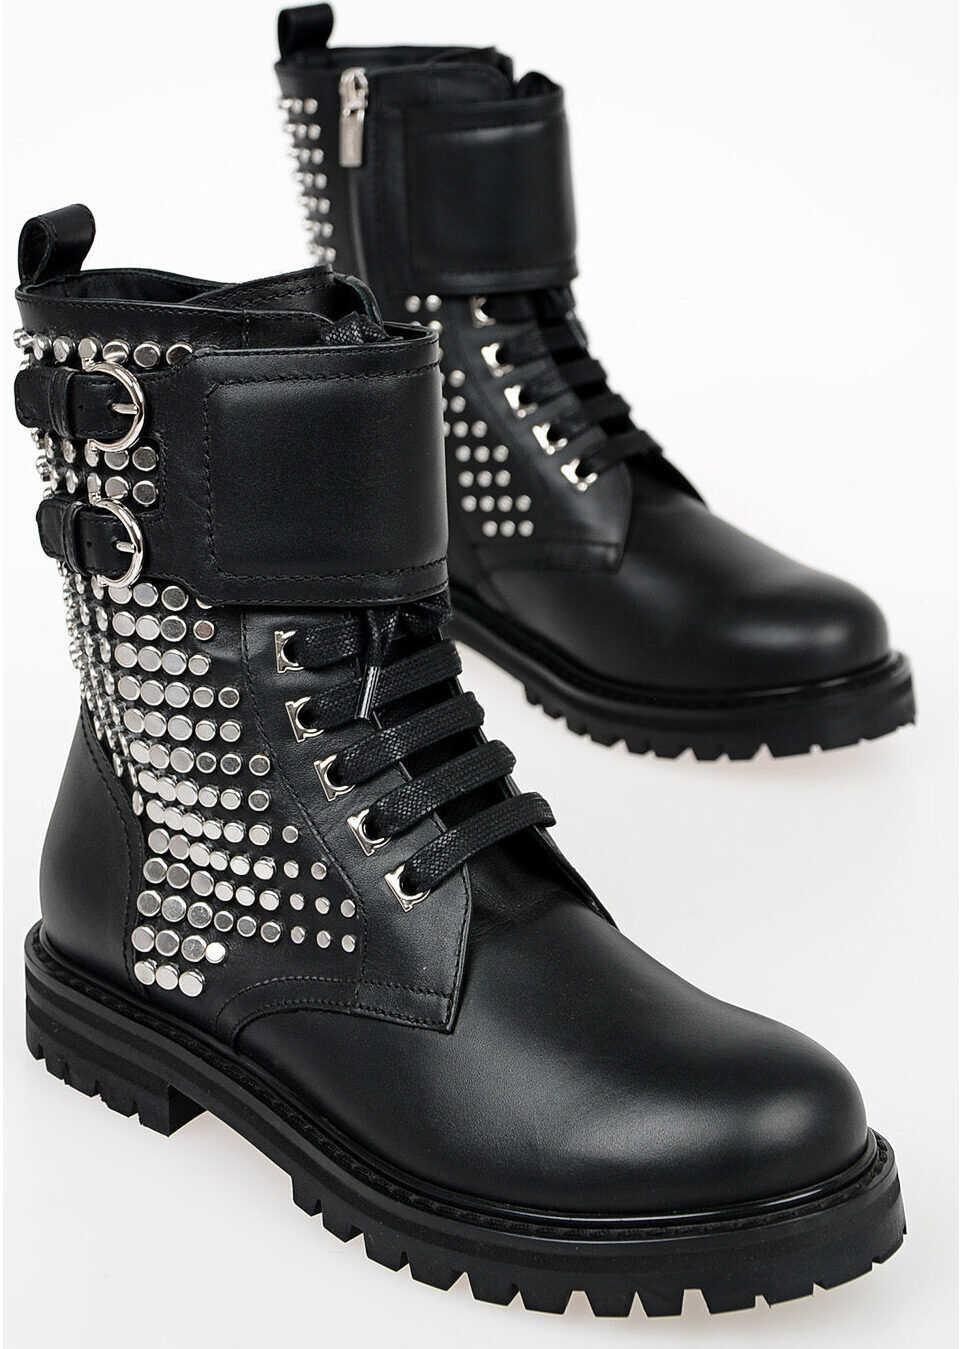 Salvatore Ferragamo Studded CROTONE Leather Boots BLACK